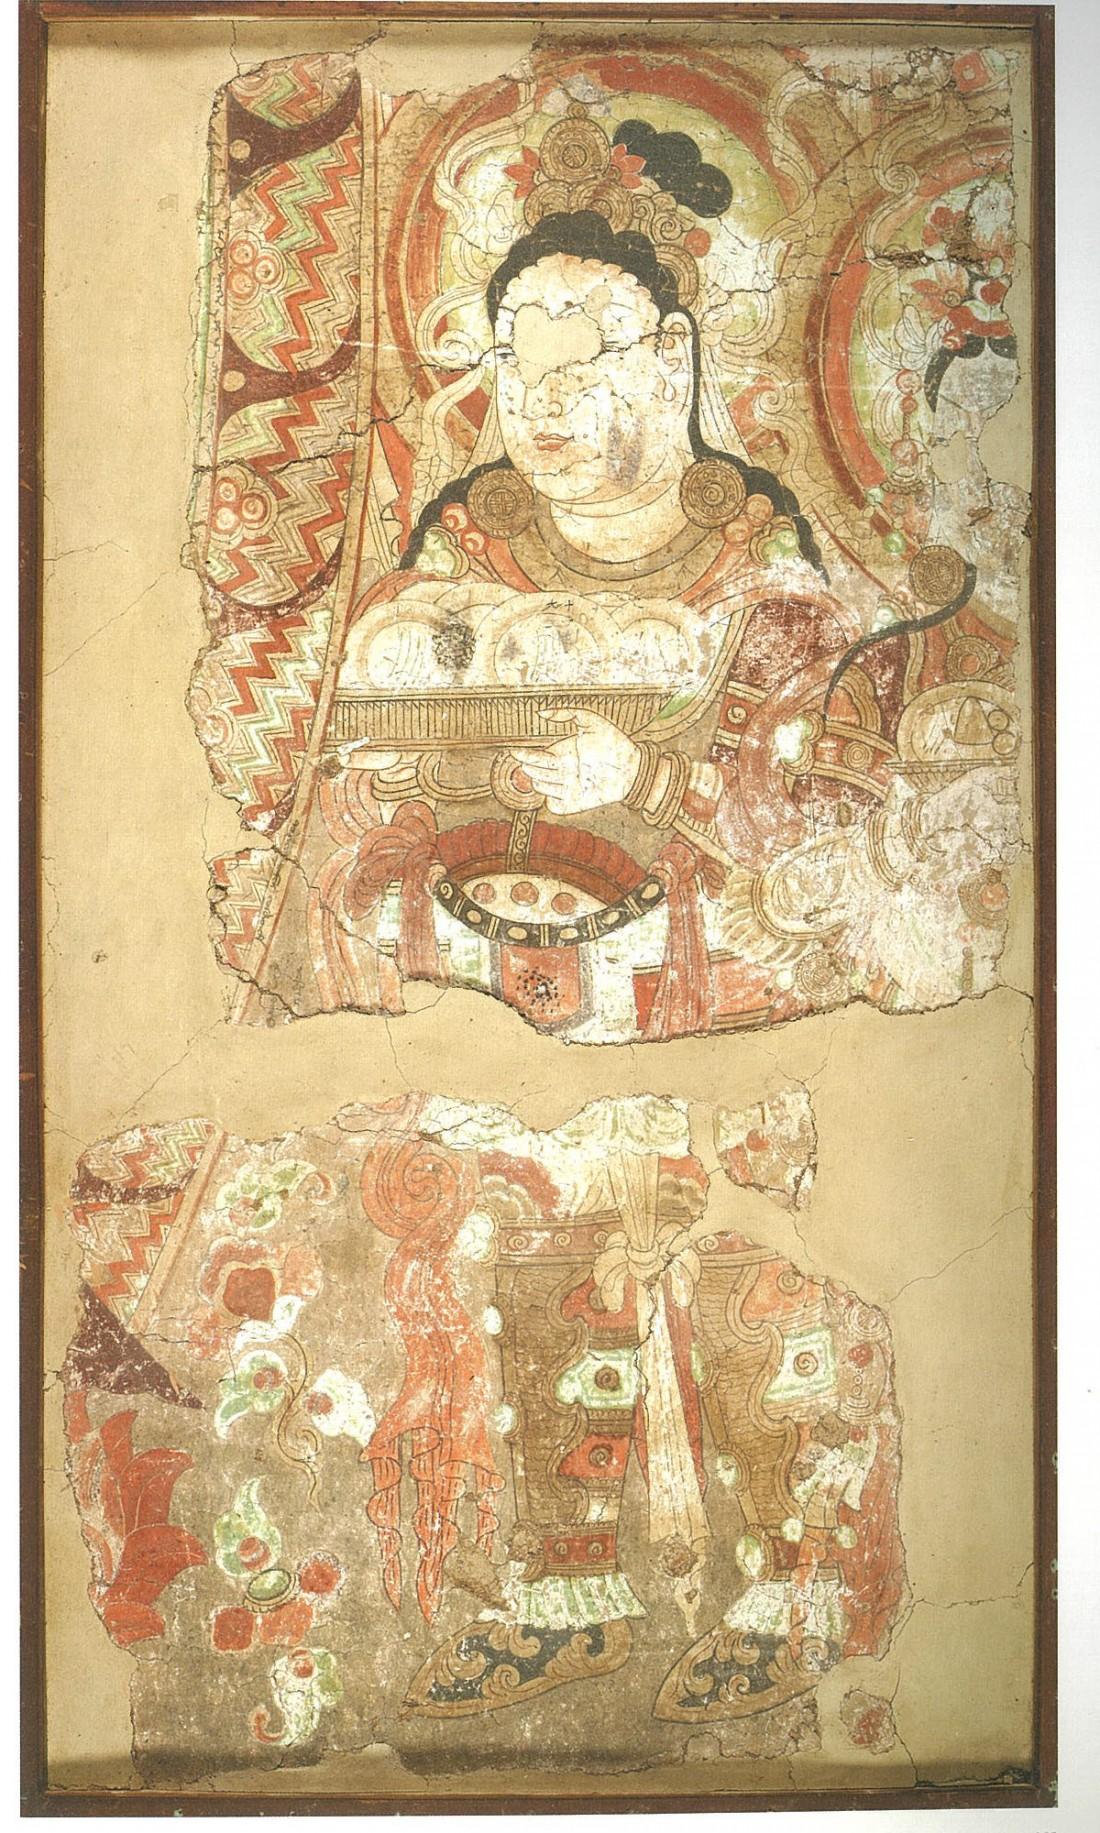 투르판 베제클리크 석굴 제15굴에서 절취한 벽화. 갑옷을 입은 2명의 인물이 공양물이 담긴 쟁반을 들고 있는 모습을 그린 벽화다. |국립중앙박물관 제공